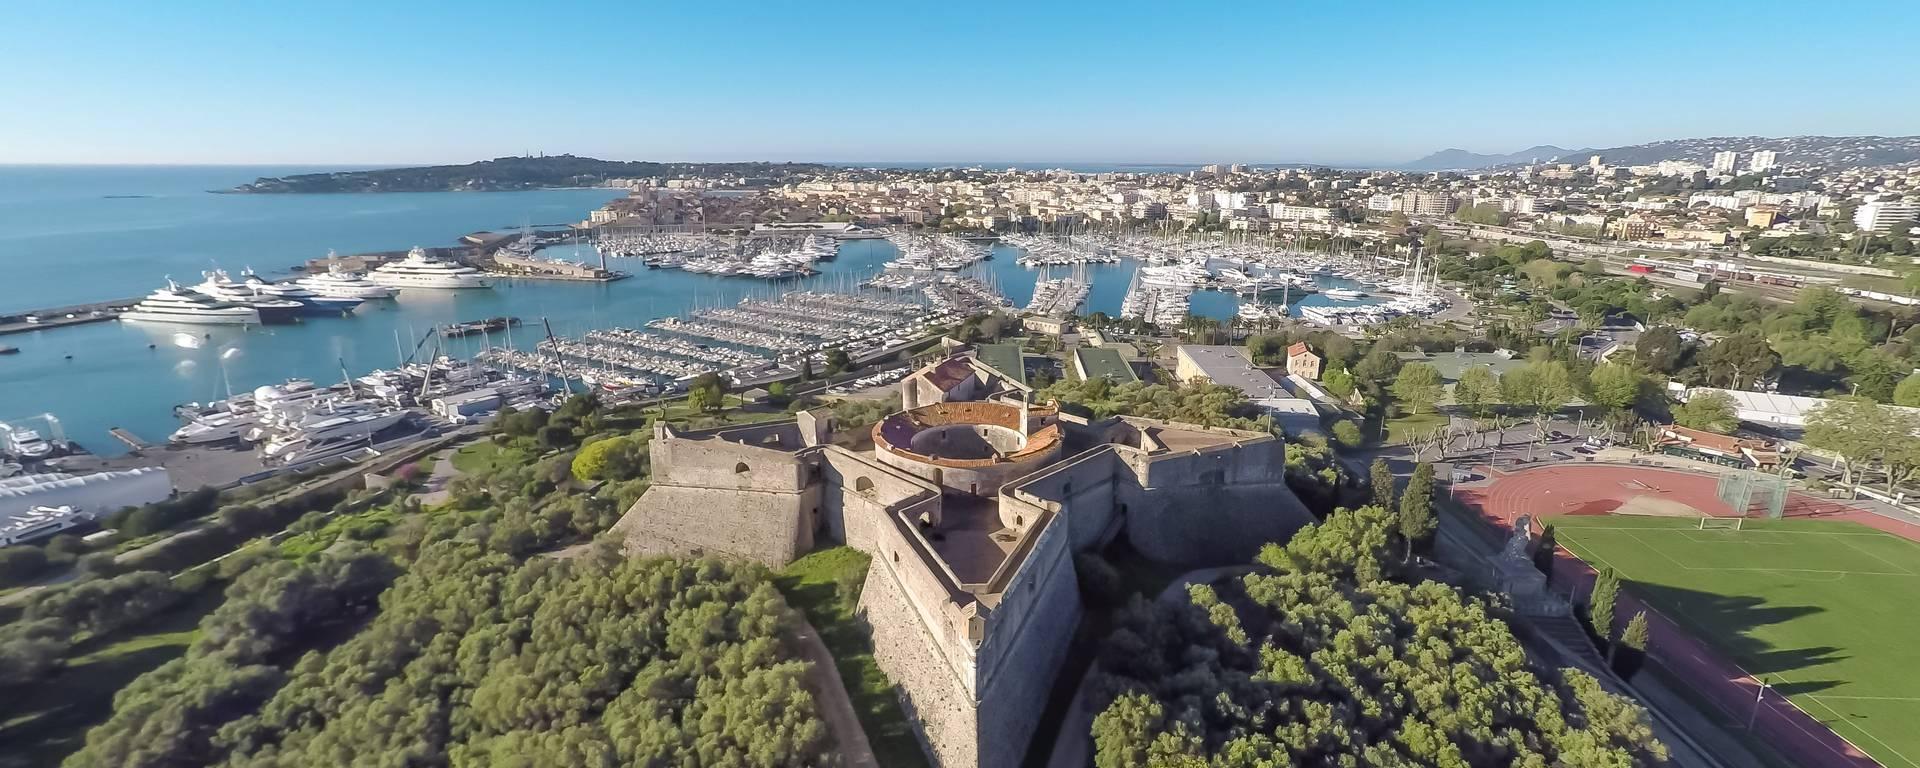 Le Fort Carré ©Mairie d'Antibes -JF Diaz